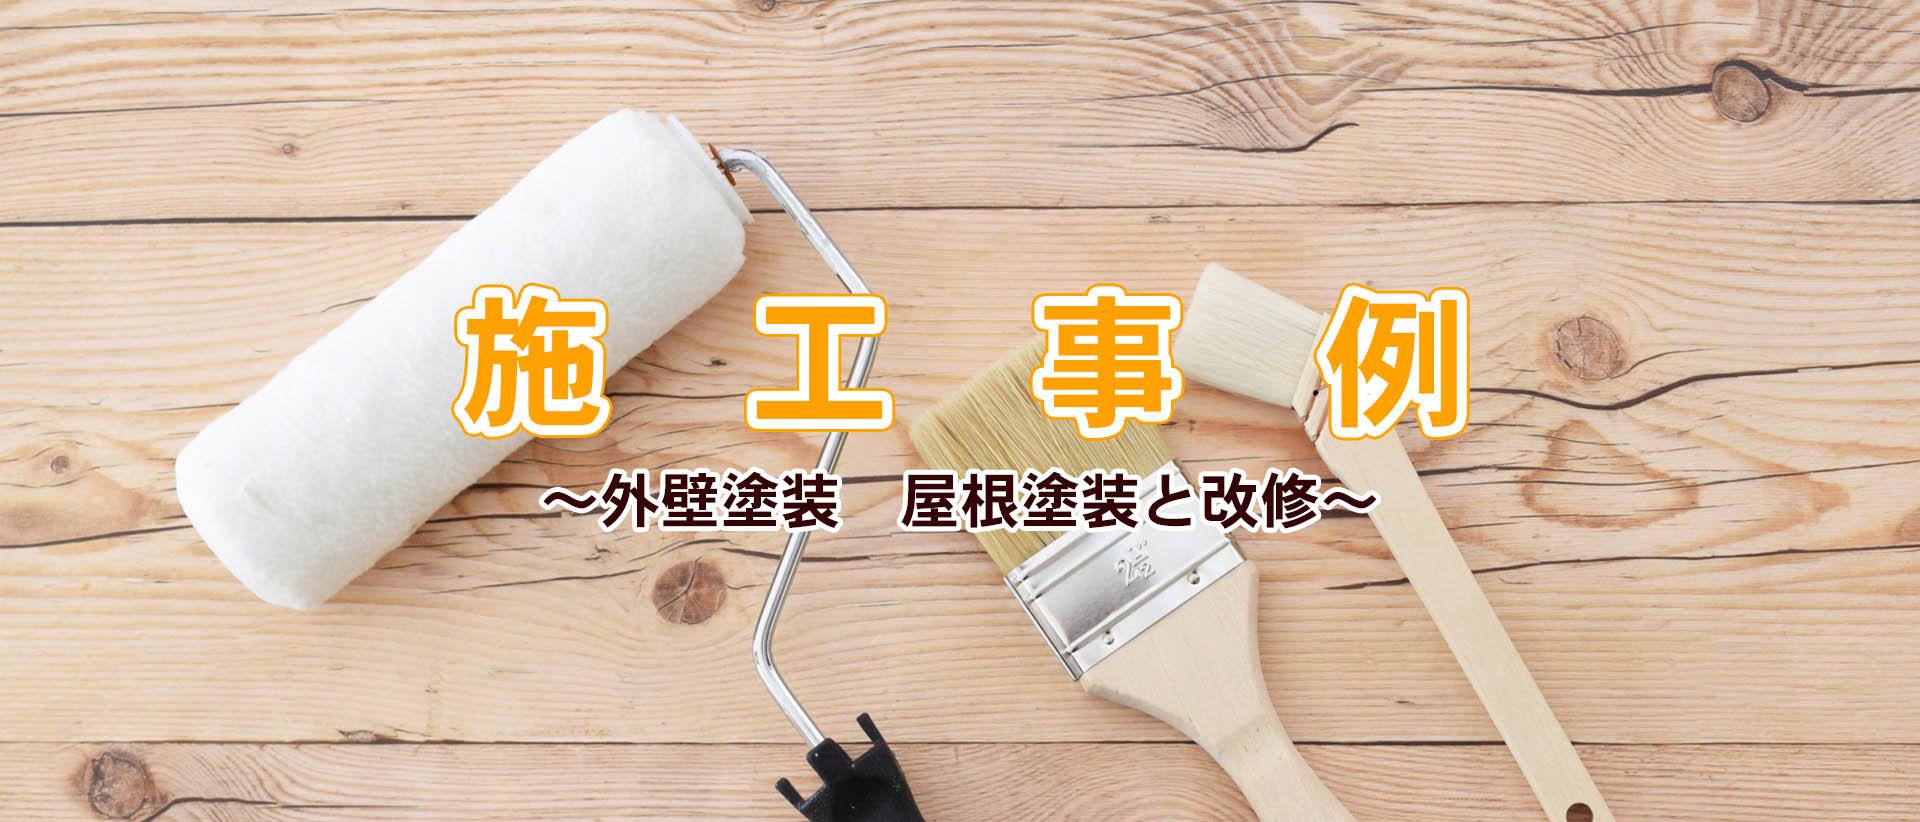 外壁塗装、屋根塗装と改修施工事例